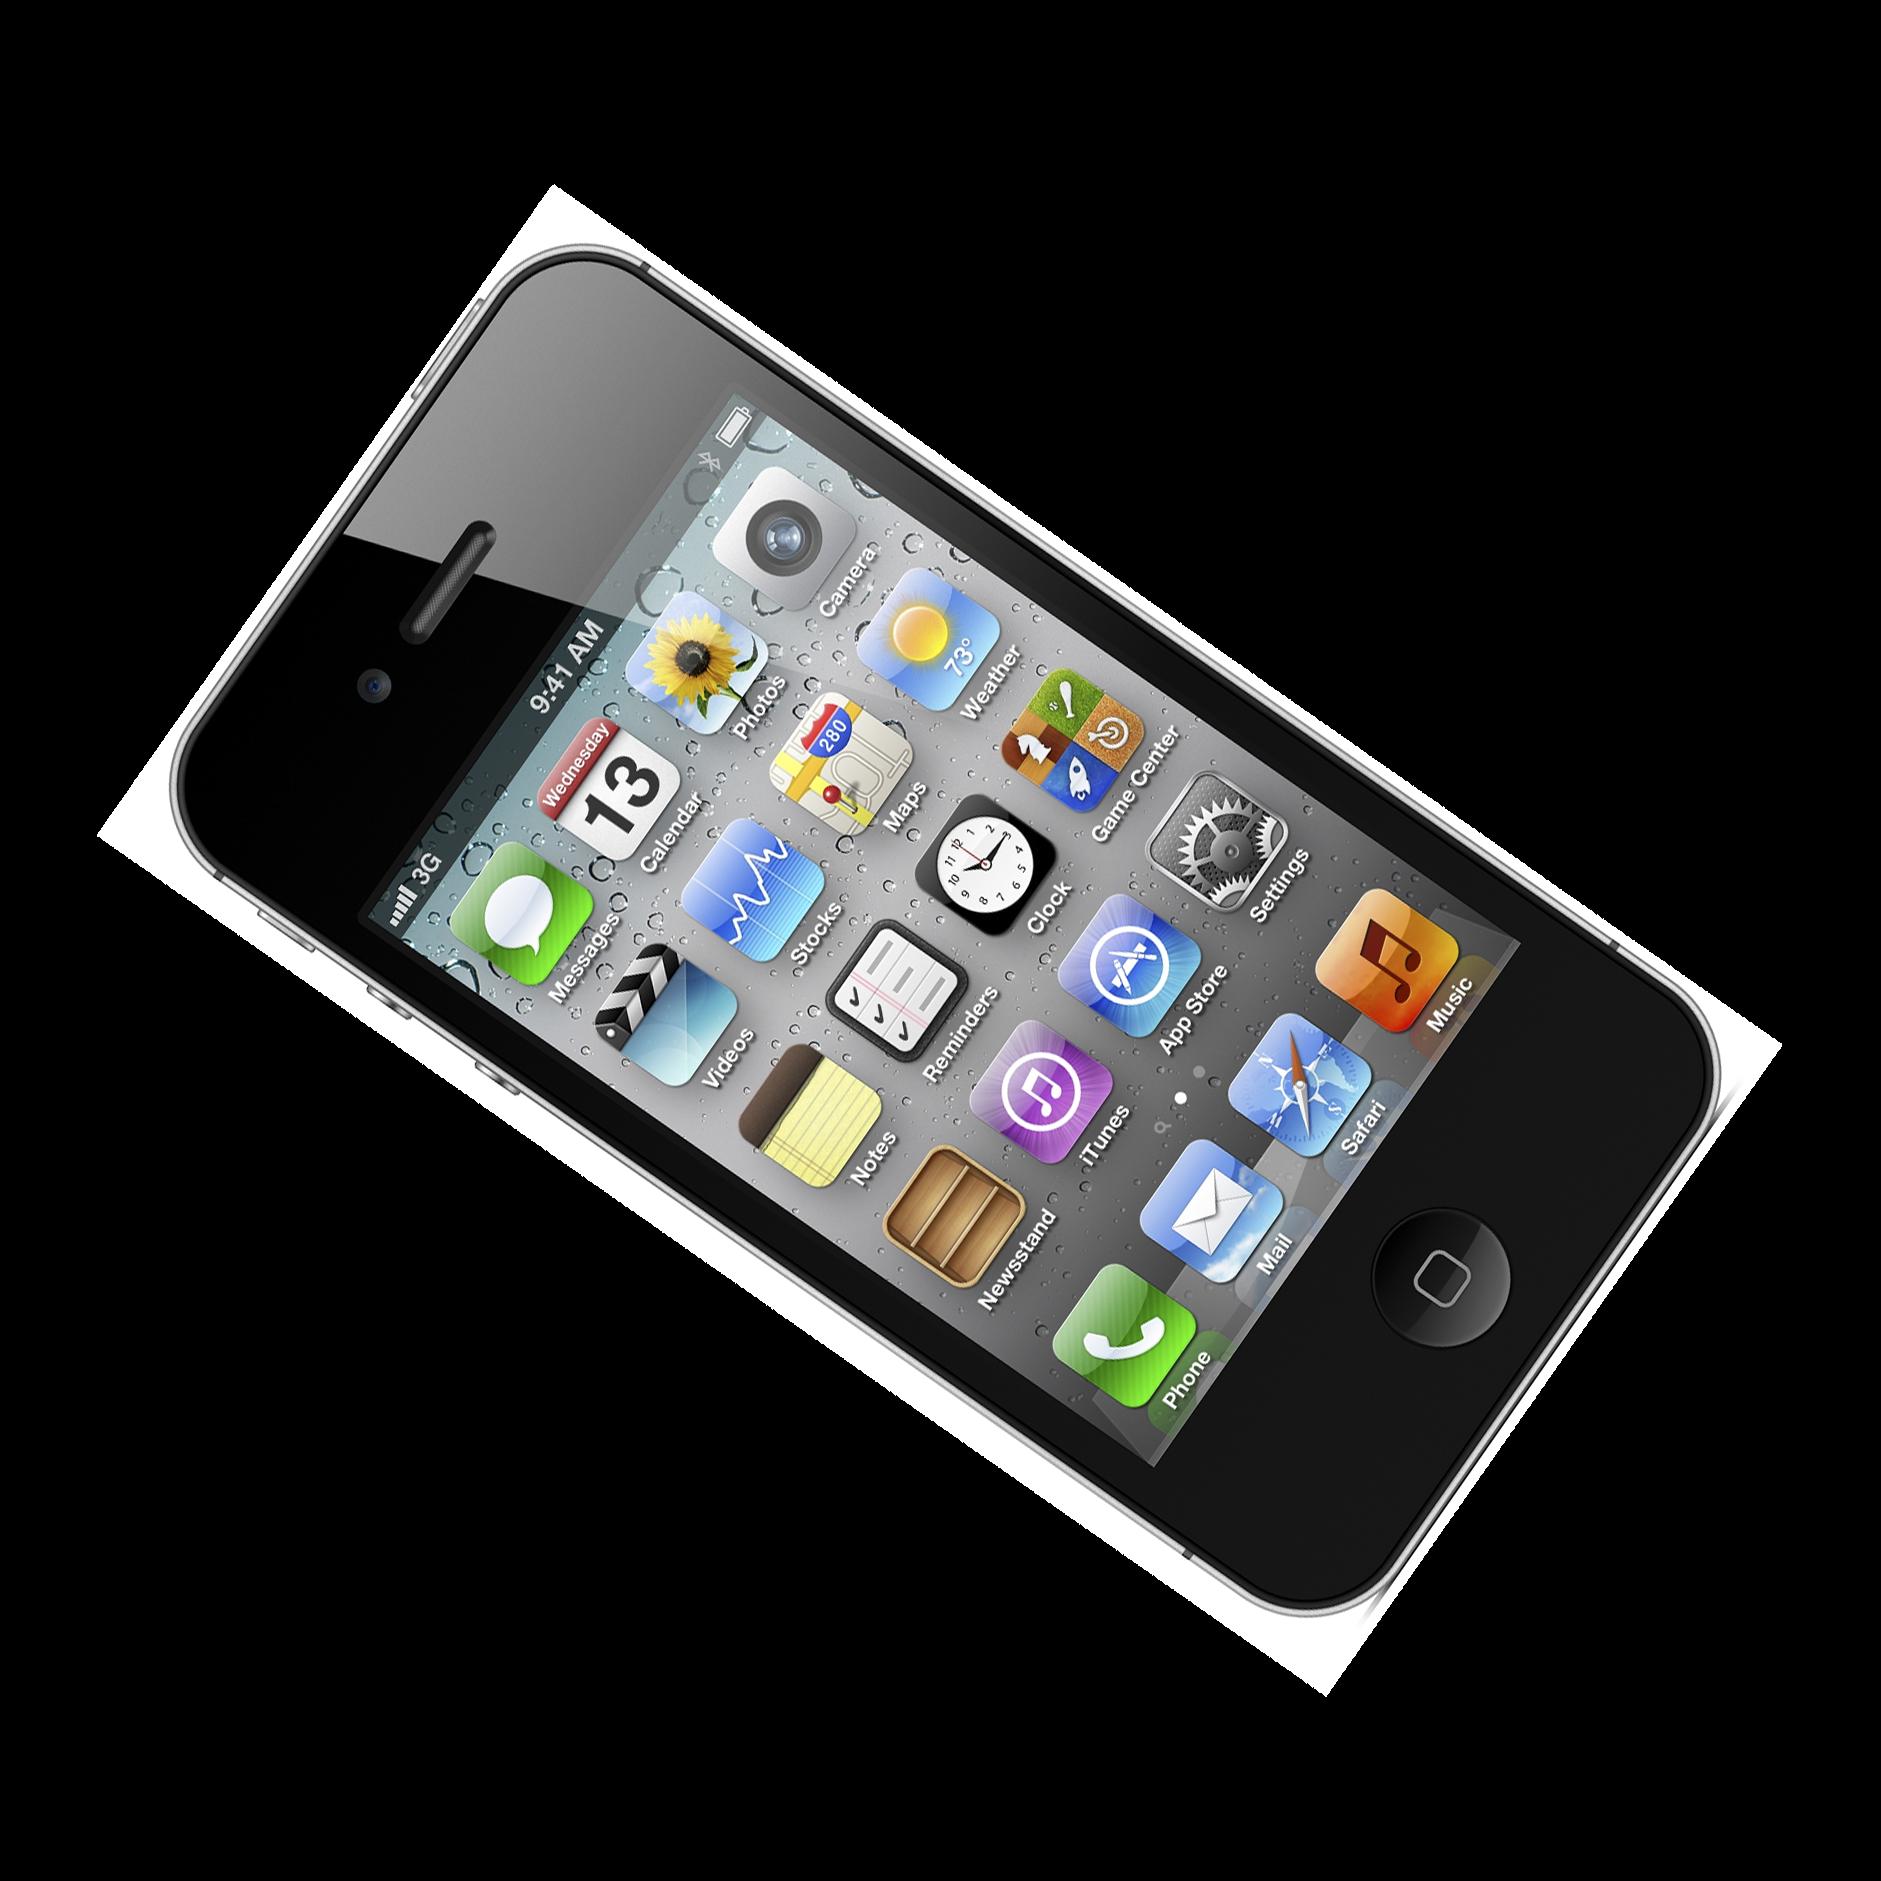 Gemütlich Geben Sie Einen Lebenslauf Auf Dem Iphone Ein Bilder ...